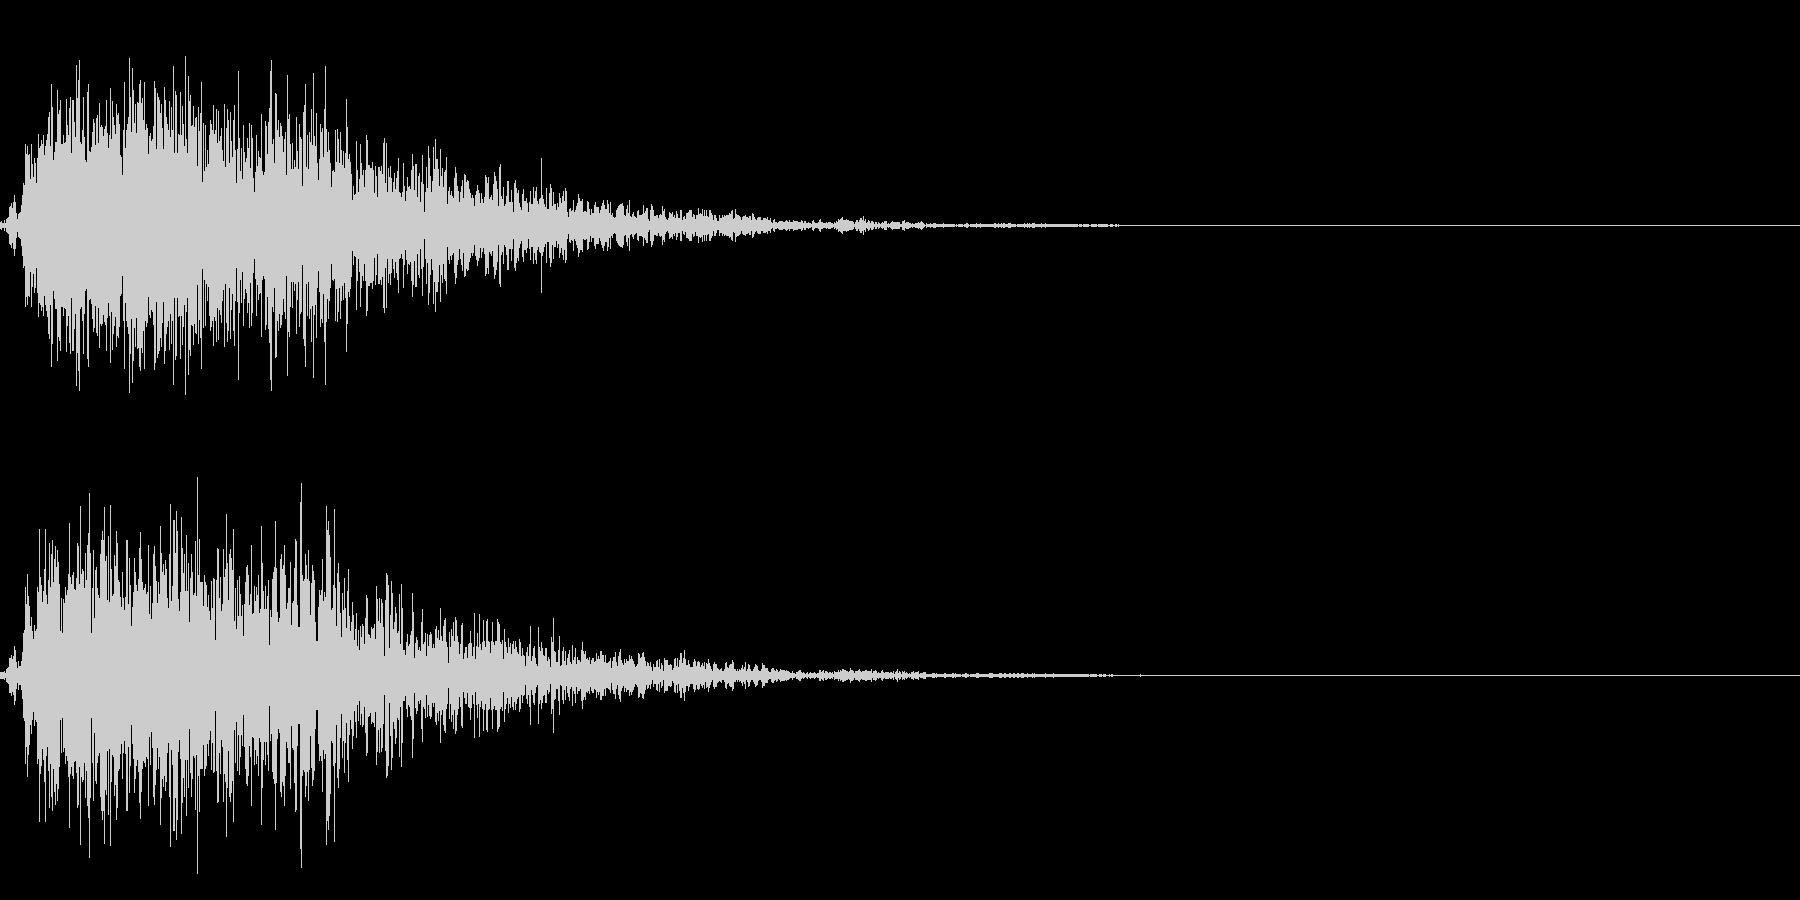 ストライク!ボーリングの効果音 01の未再生の波形